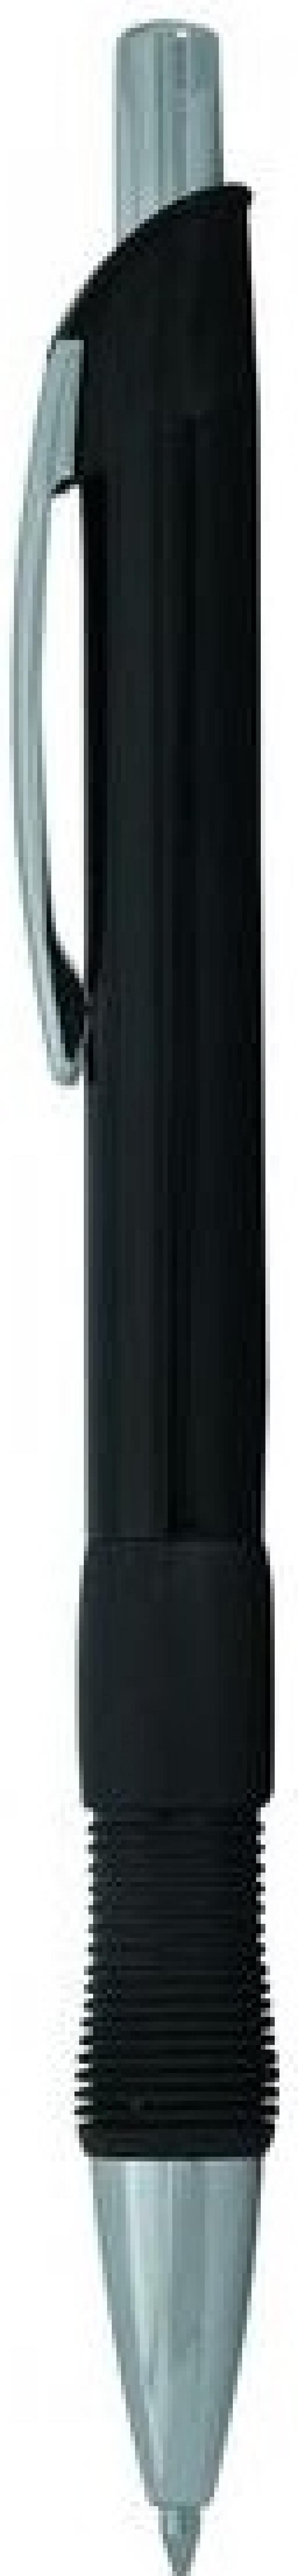 Шариковая ручка автоматическая Index IMWT1132/BK/бшк синий 0.5 мм IMWT1132/BK/бшк канцелярия index точилка автоматическая